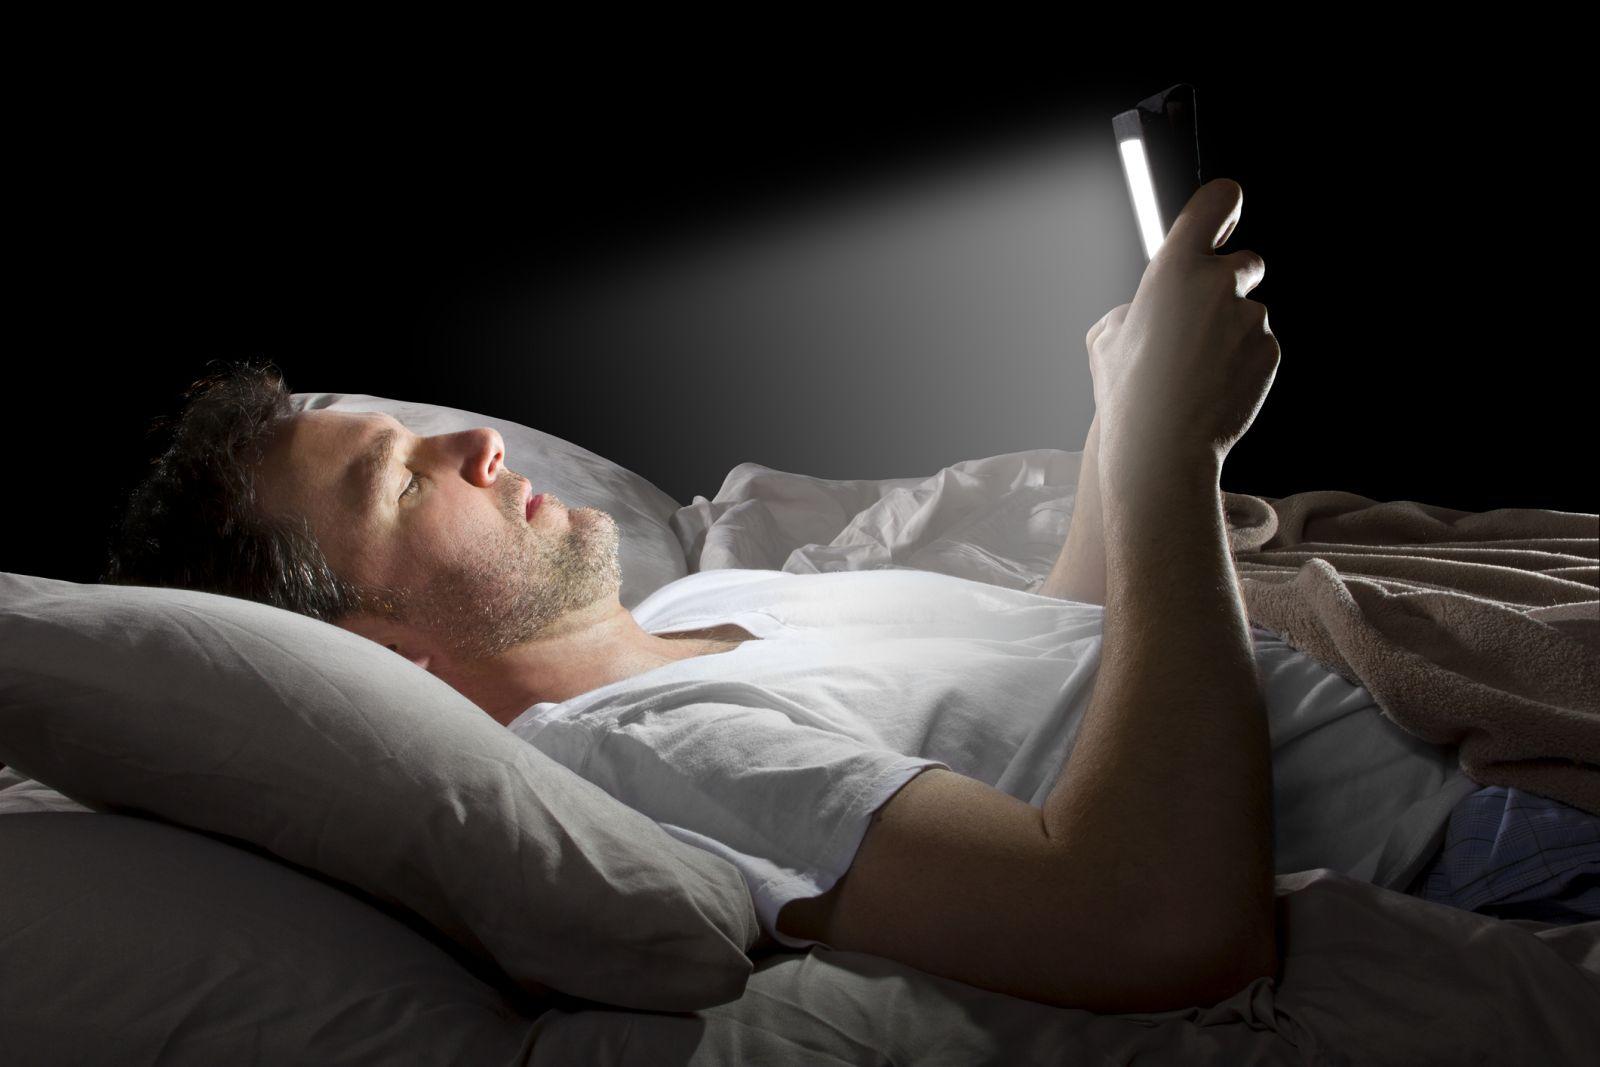 NightScreendreamstime_m_40479813.jpg